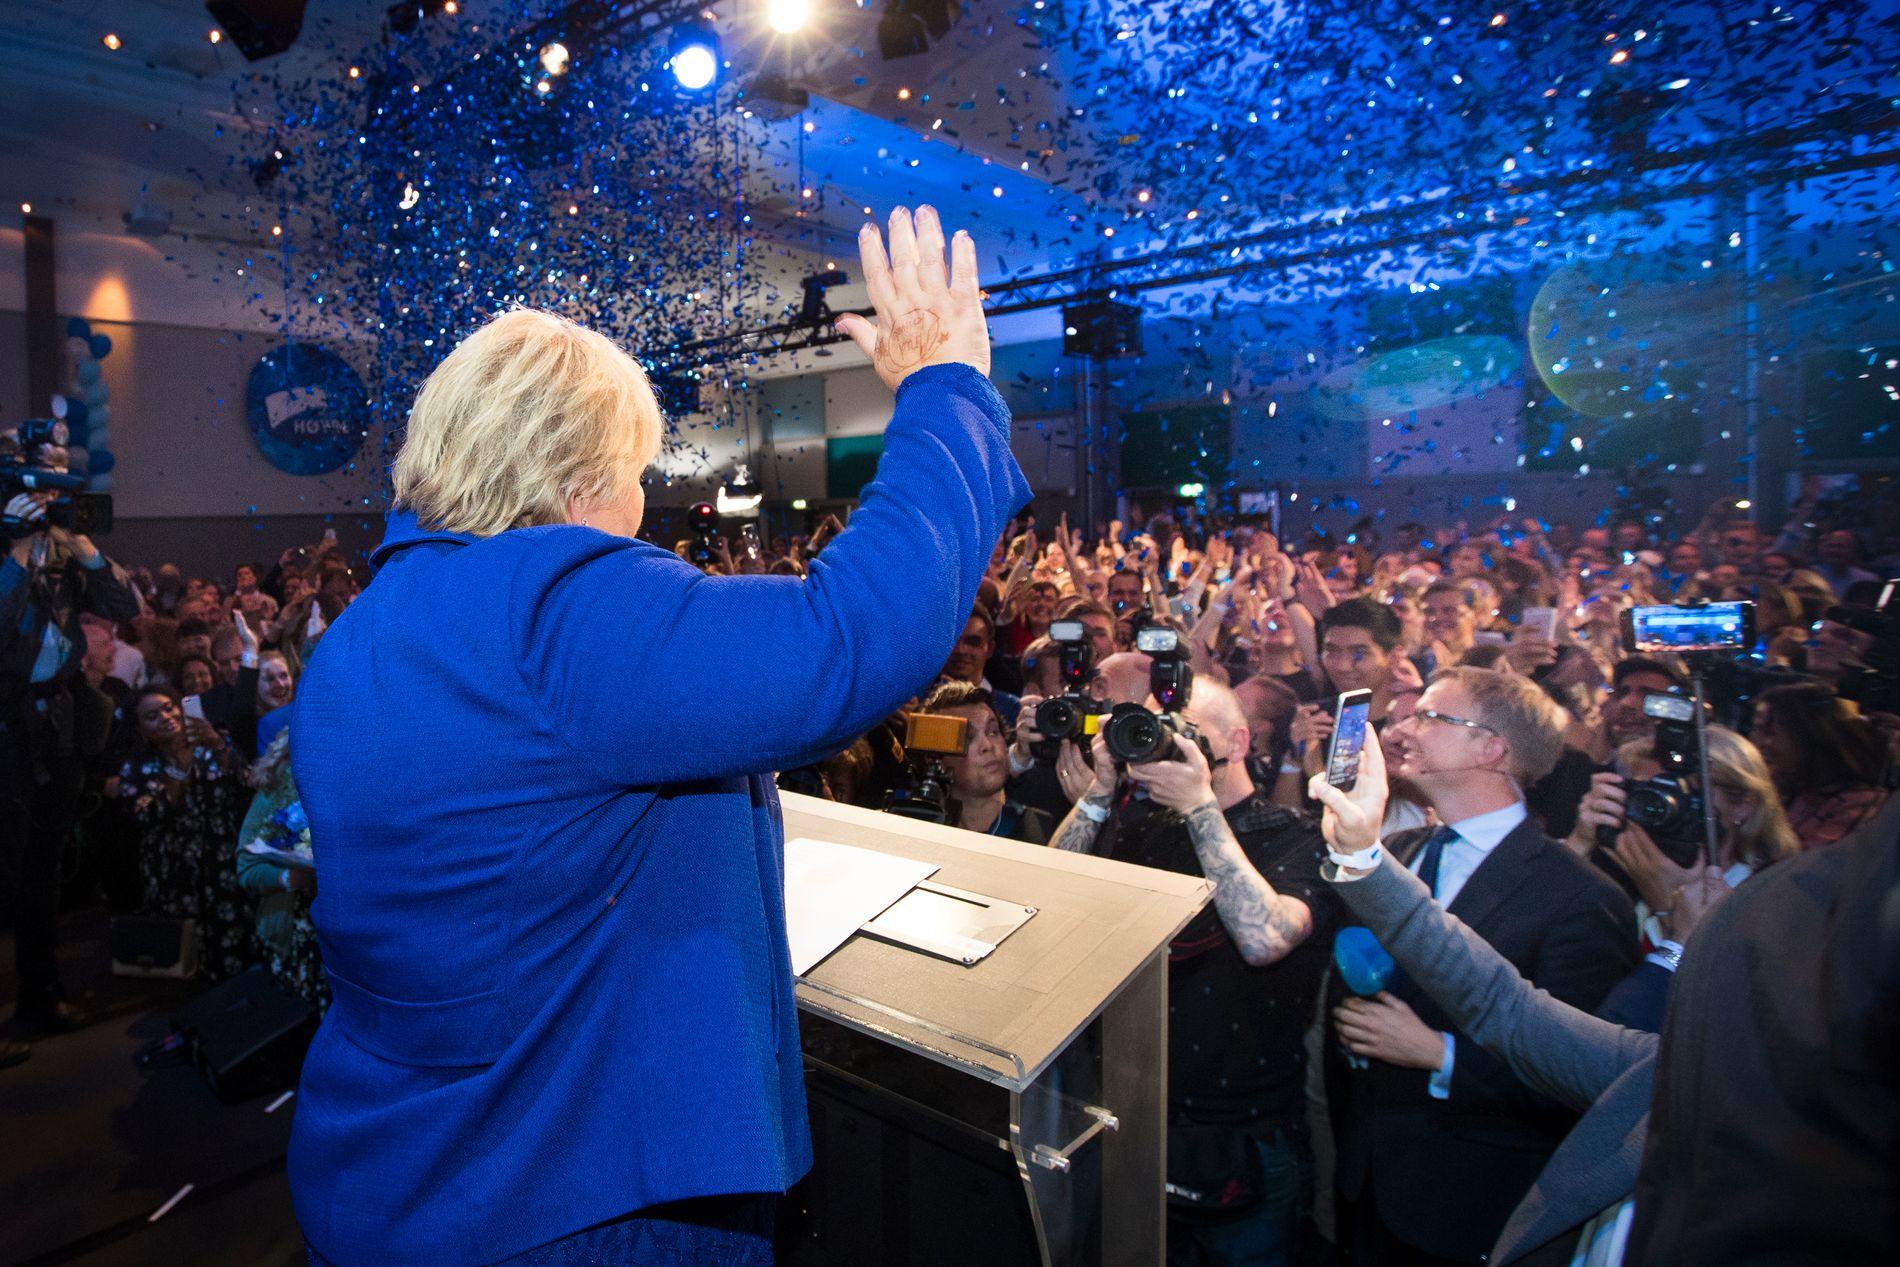 OGSÅ VALGVINNER: Det var en like stor andel av Aps tidligere velgere som gikk til Høyre som gikk til Senterpartiet. Distriktsopprøret var ikke avgjørende.